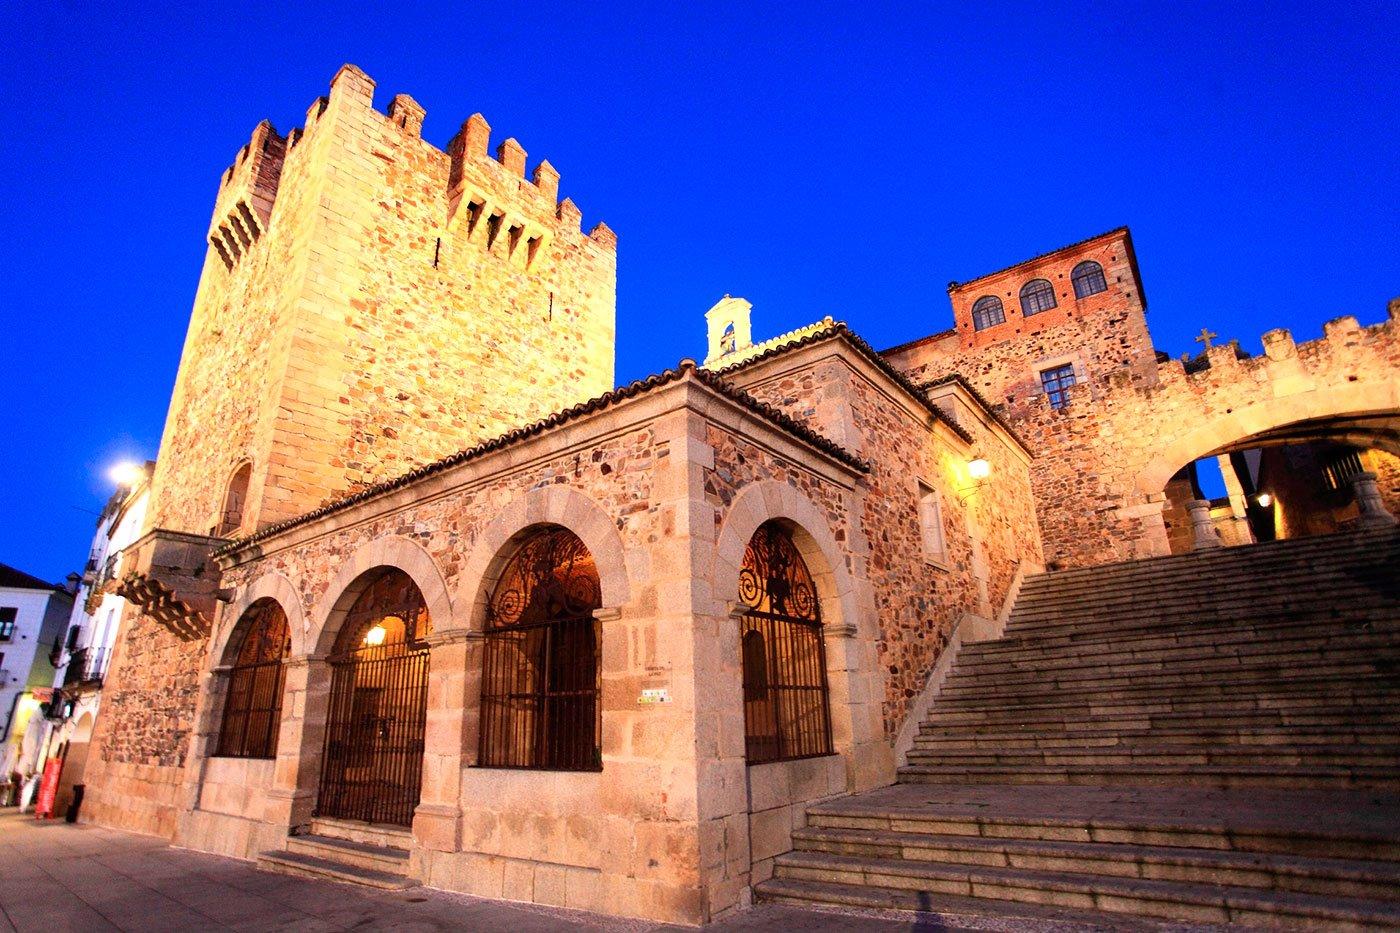 ciudad-vieja-caceres. Ciudad vieja de Cáceres